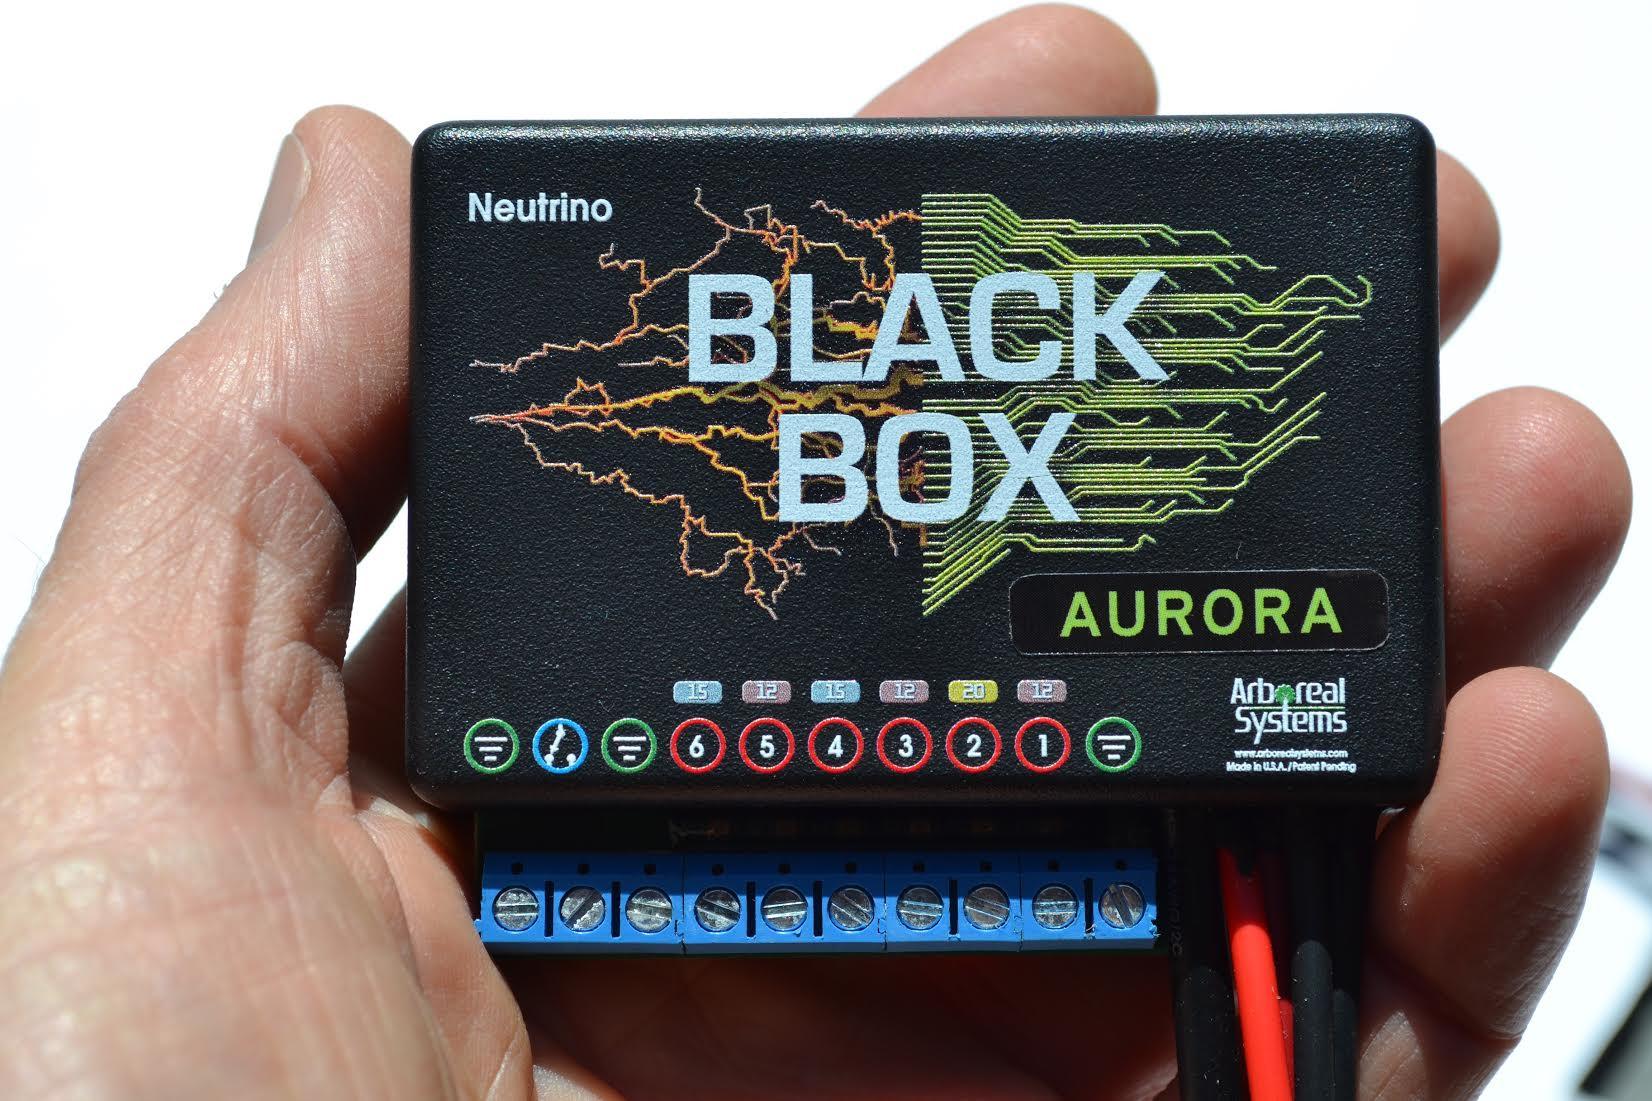 www.neutrinoblackbox.com